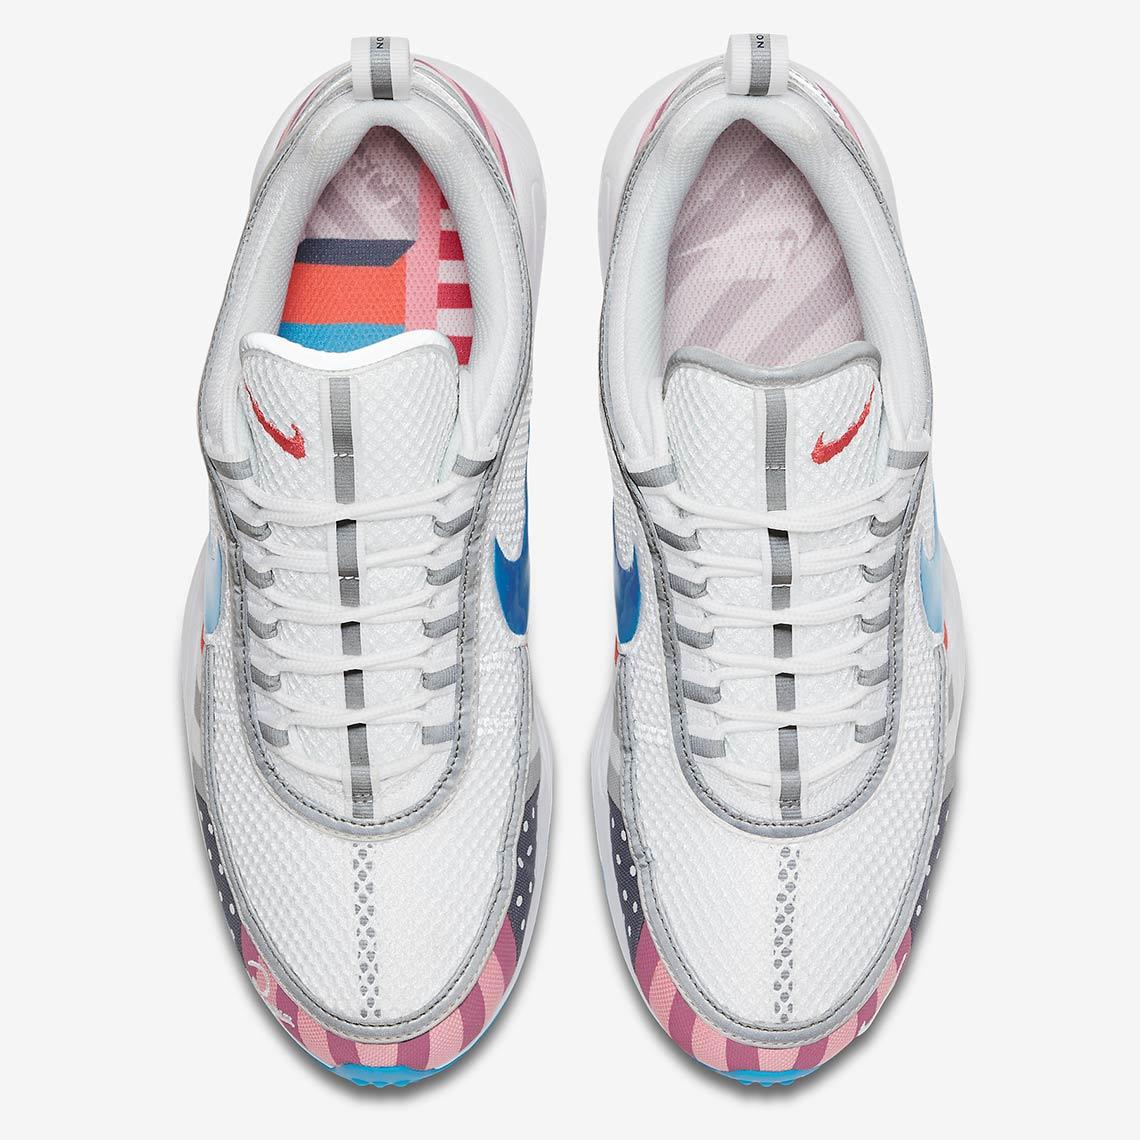 1325b89f7bb4 Parra Nike Zoom Spiridon AV4744-100 Release Info